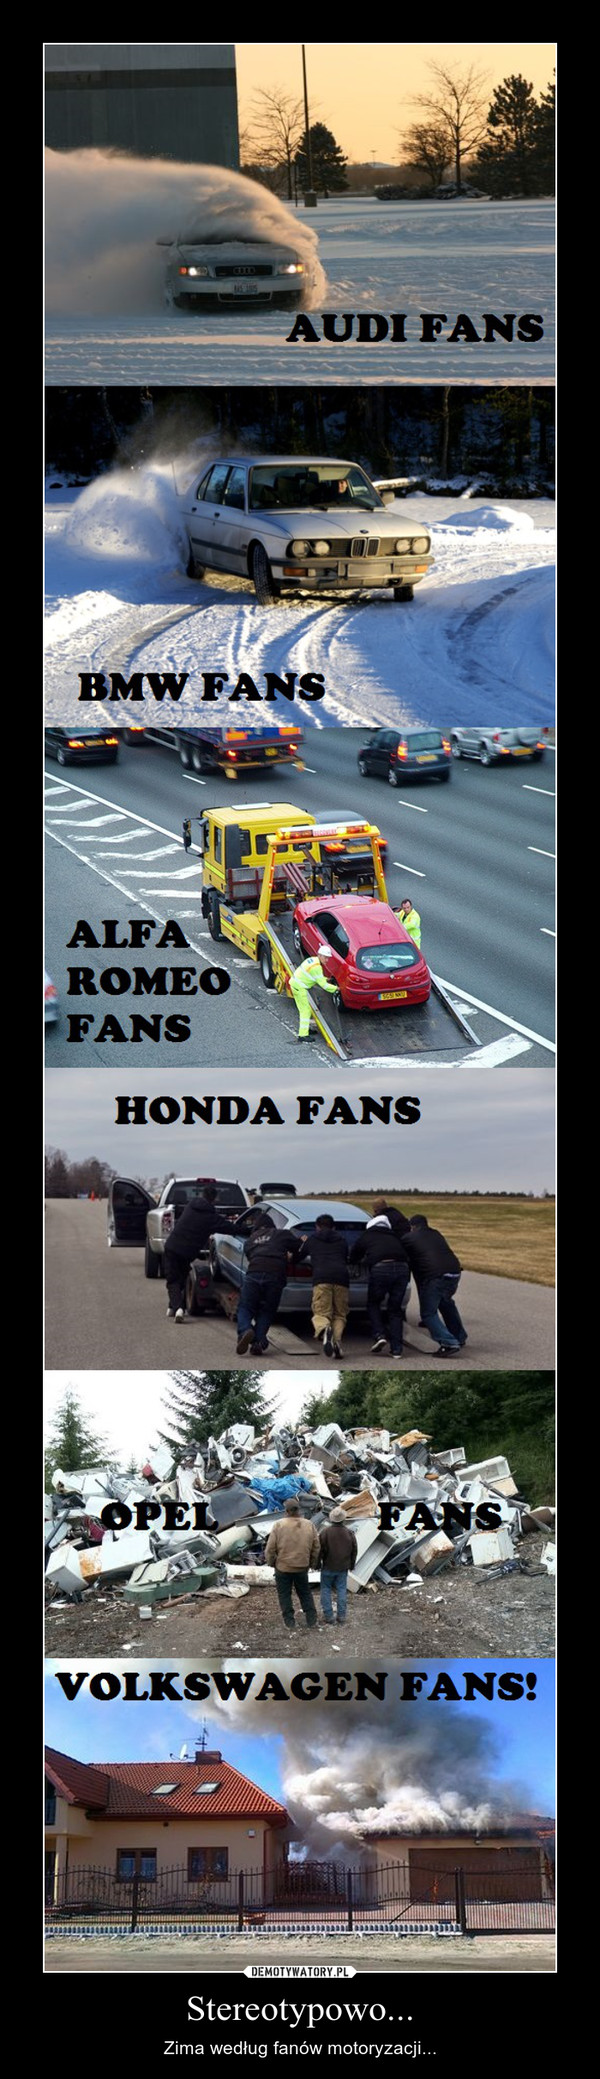 Stereotypowo... – Zima według fanów motoryzacji...